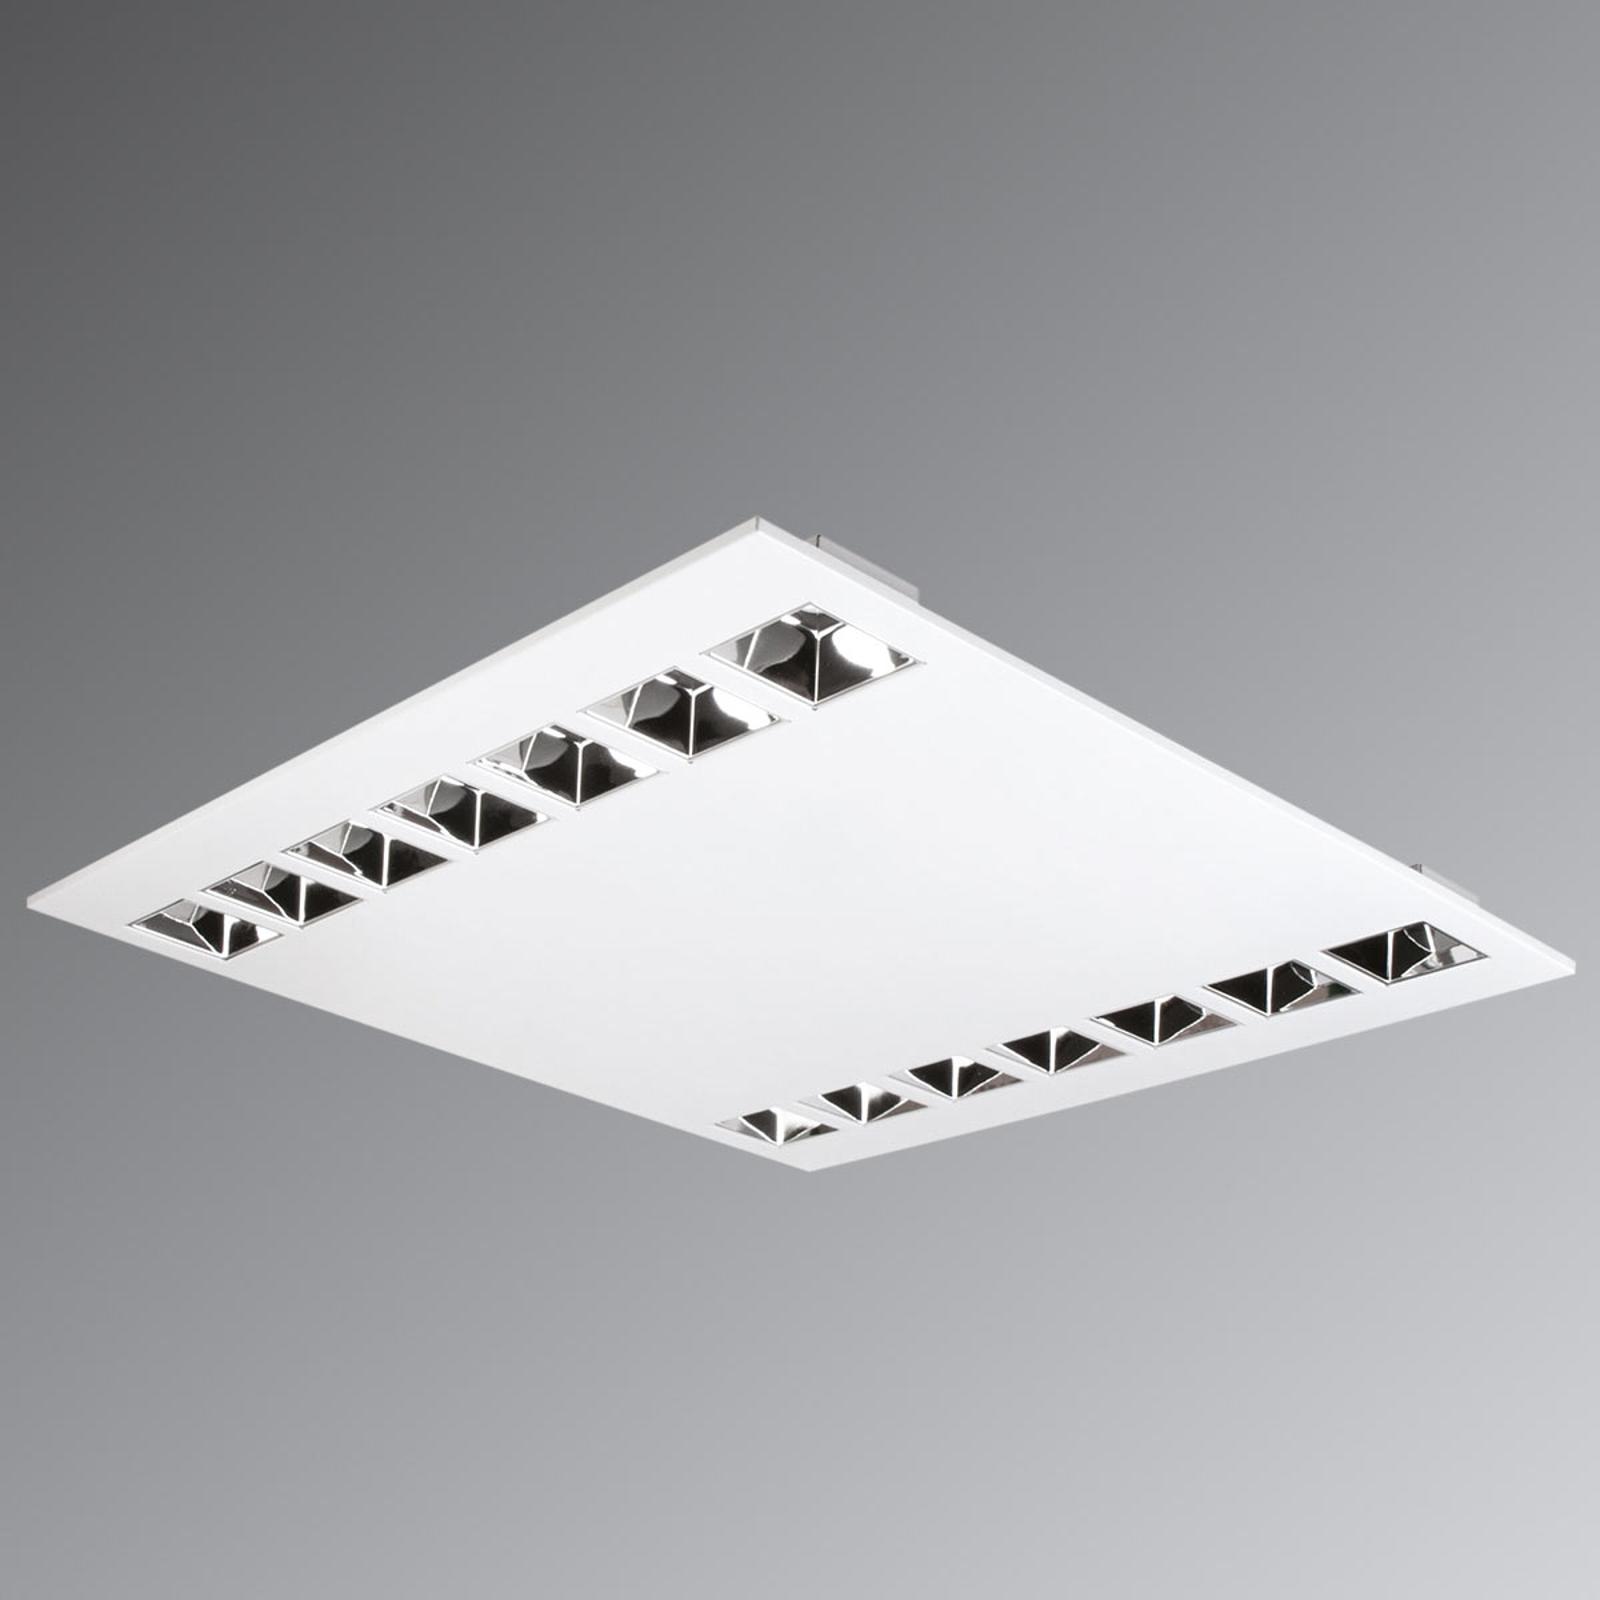 Plafonnier trame encastré LED Estela anti-ébloui.